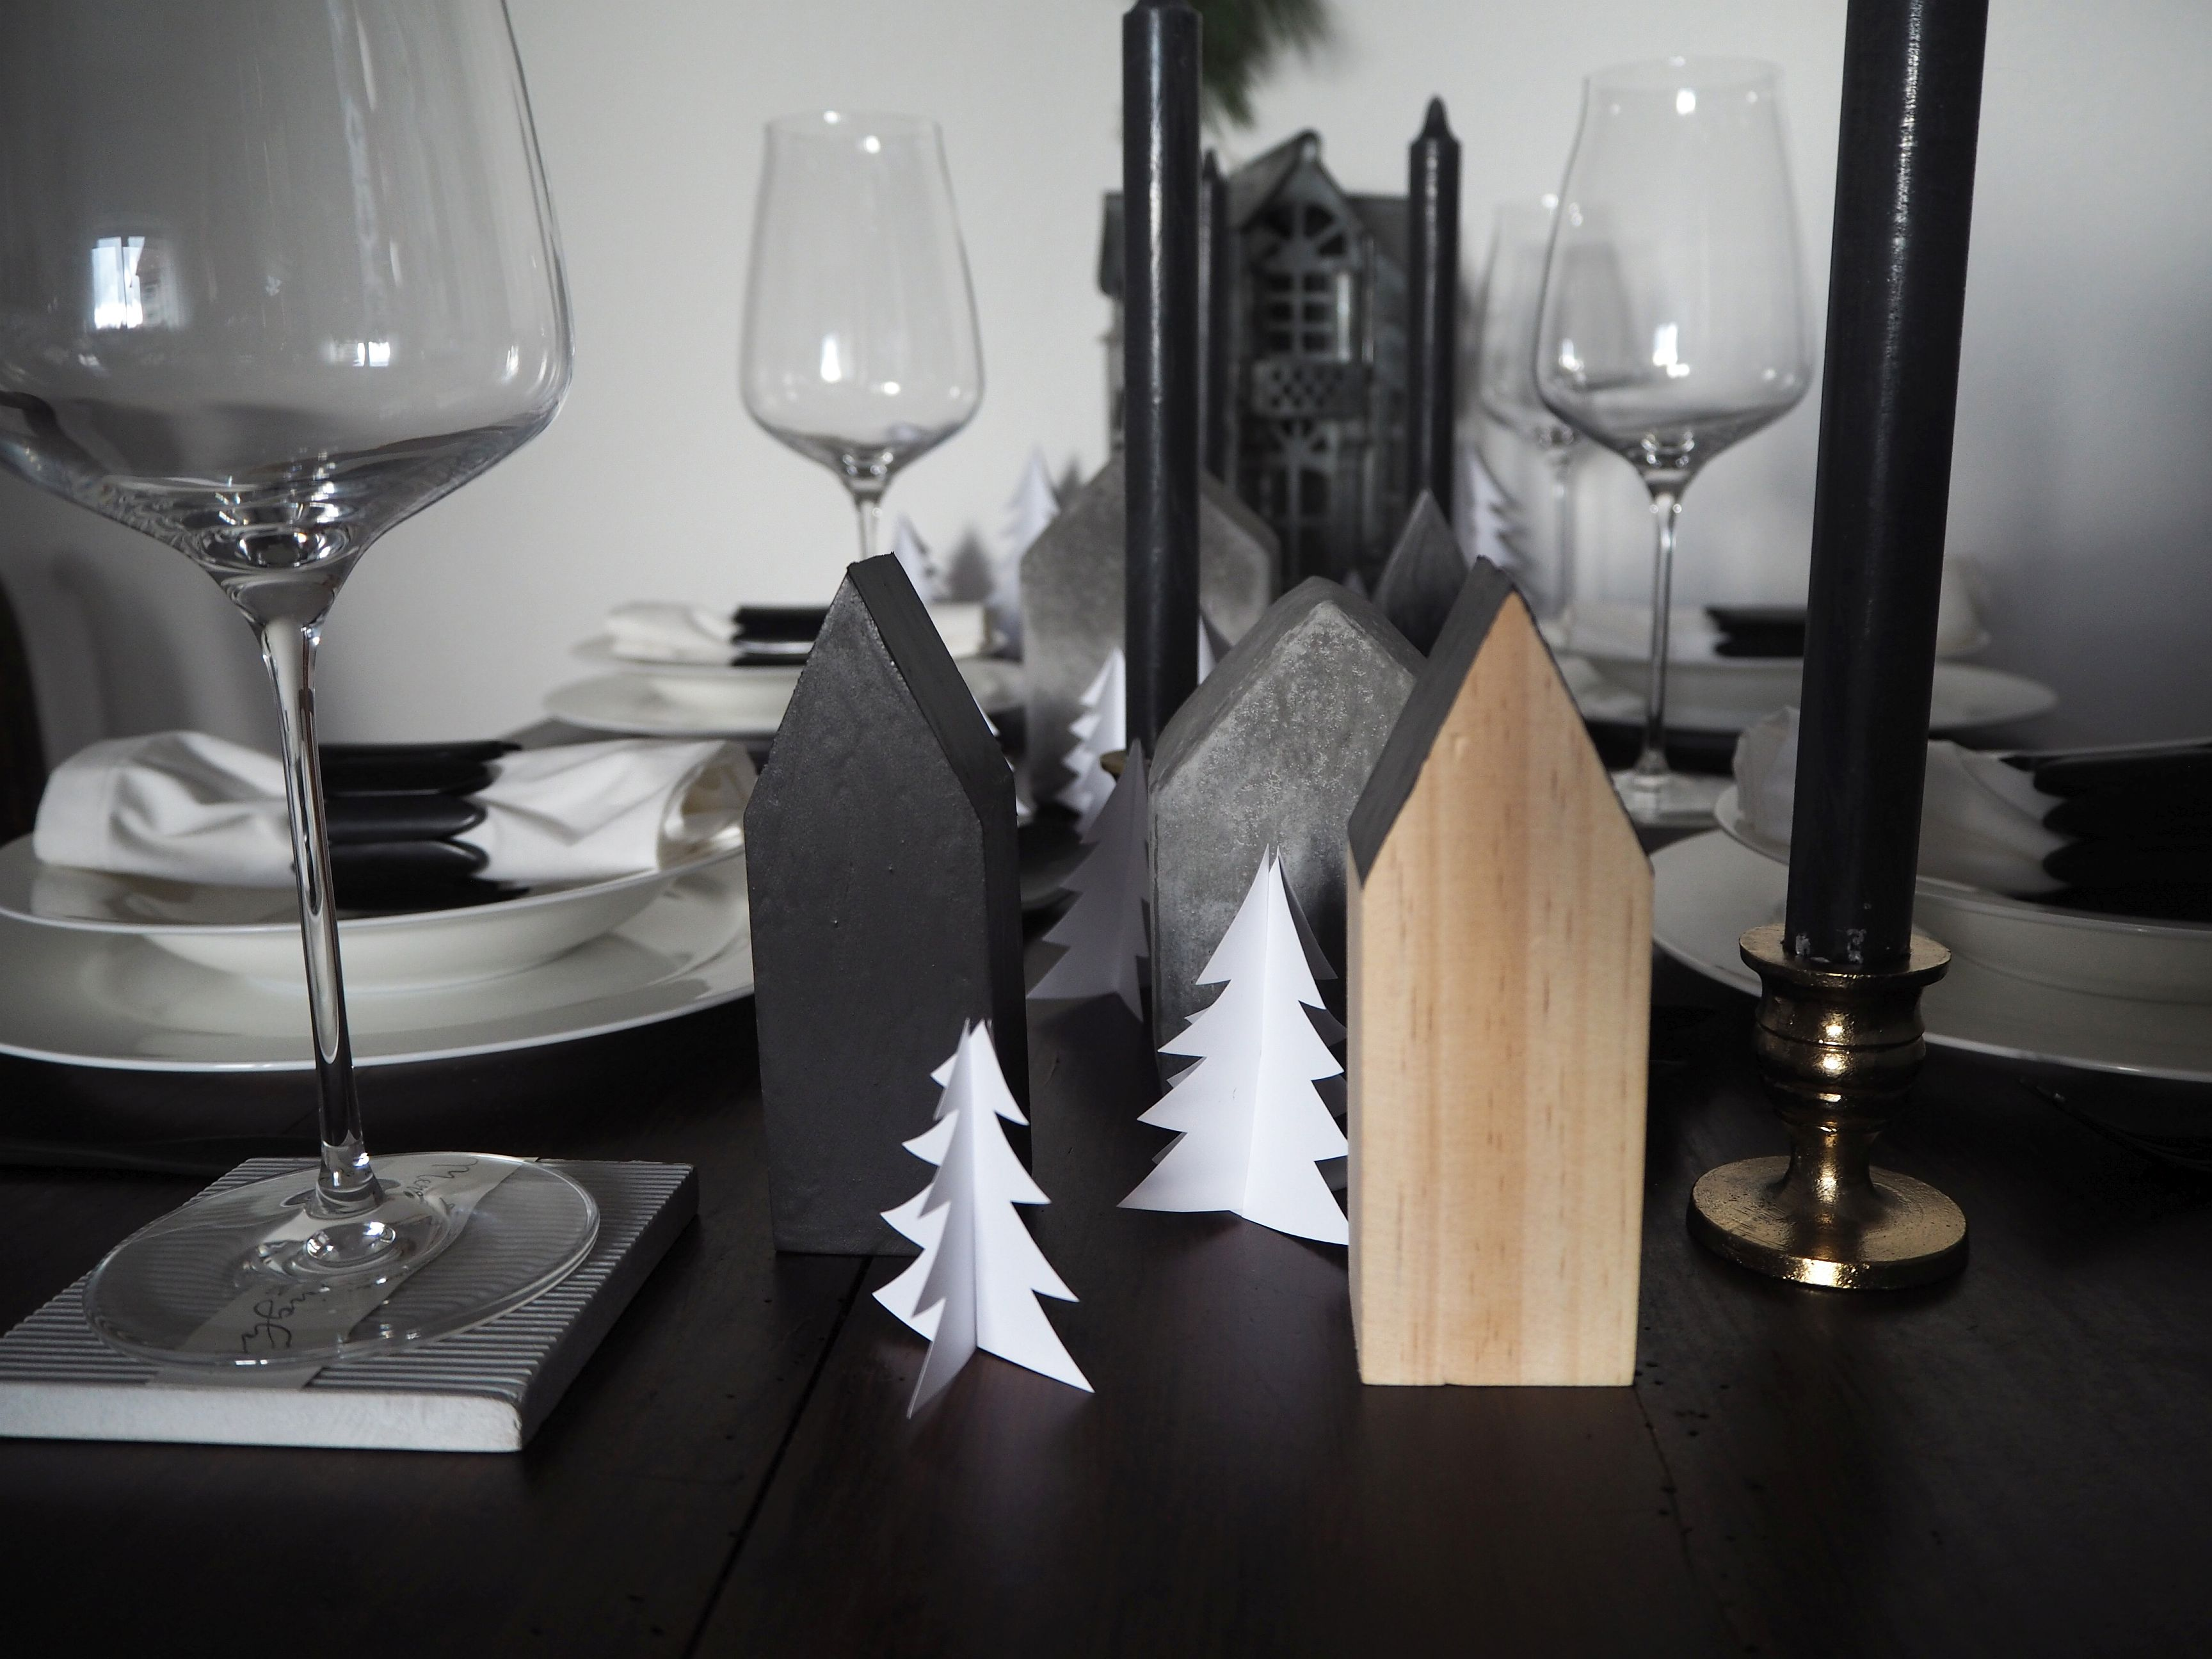 2017-12-skoen-och-kreativ-interior-tischdeko-weihnachtliche-winterlandschaft-tisch-grau (8)